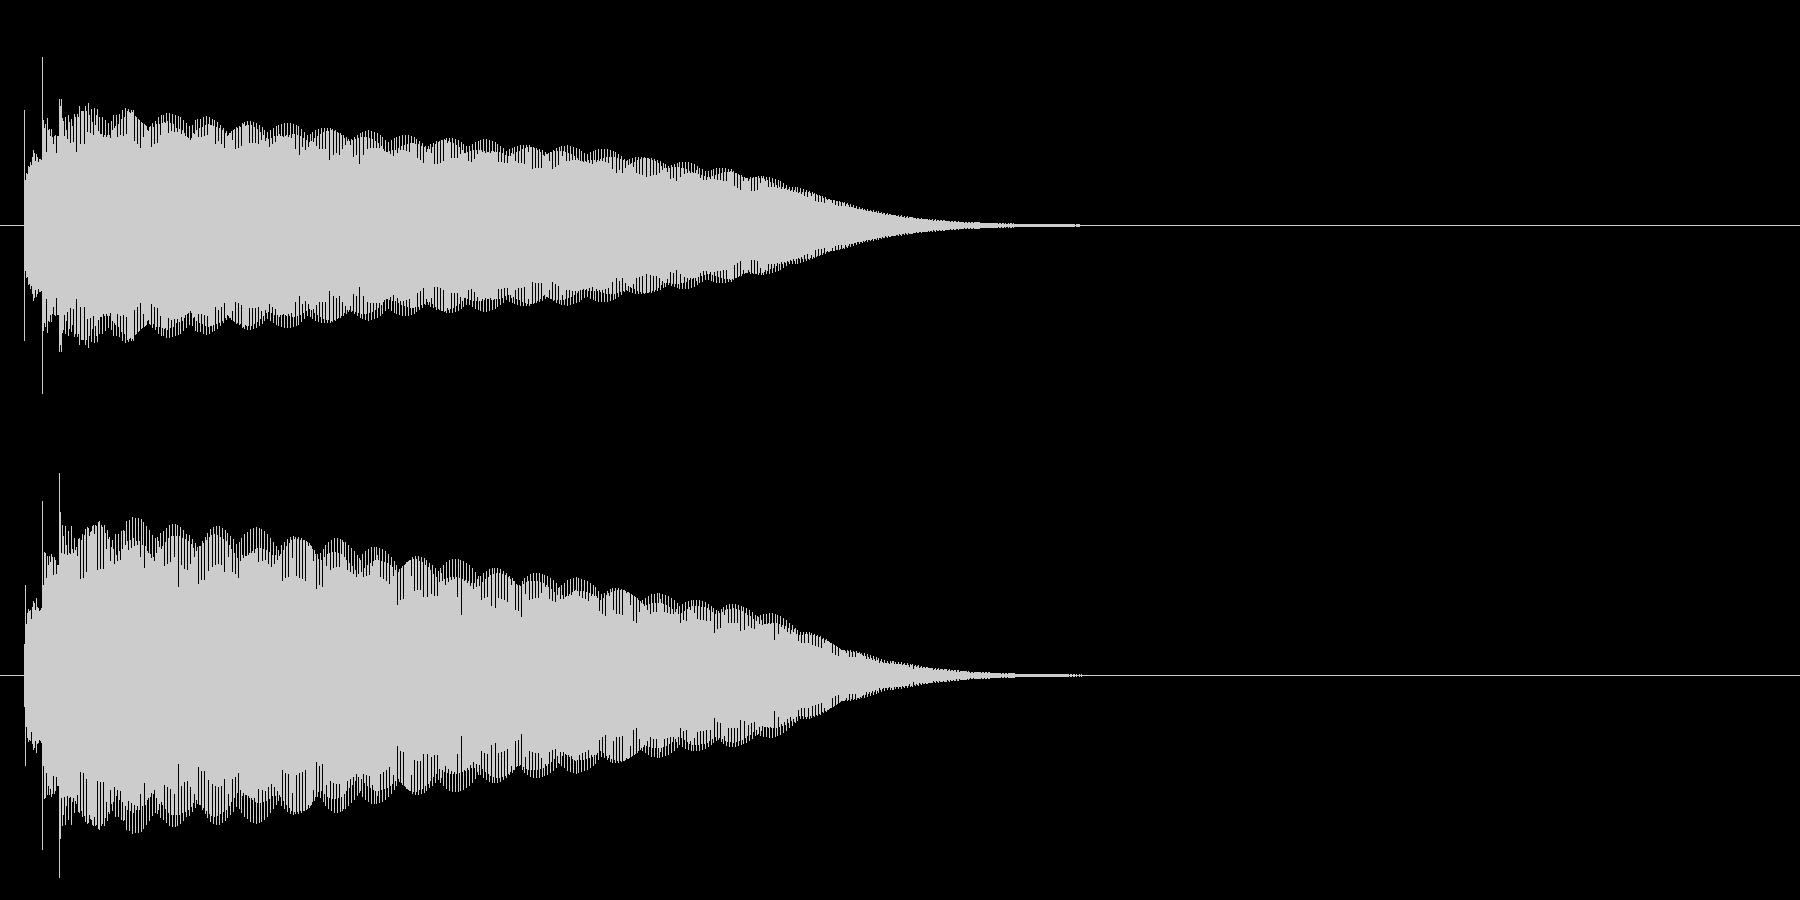 グロッケン系 タッチ音1(長)の未再生の波形